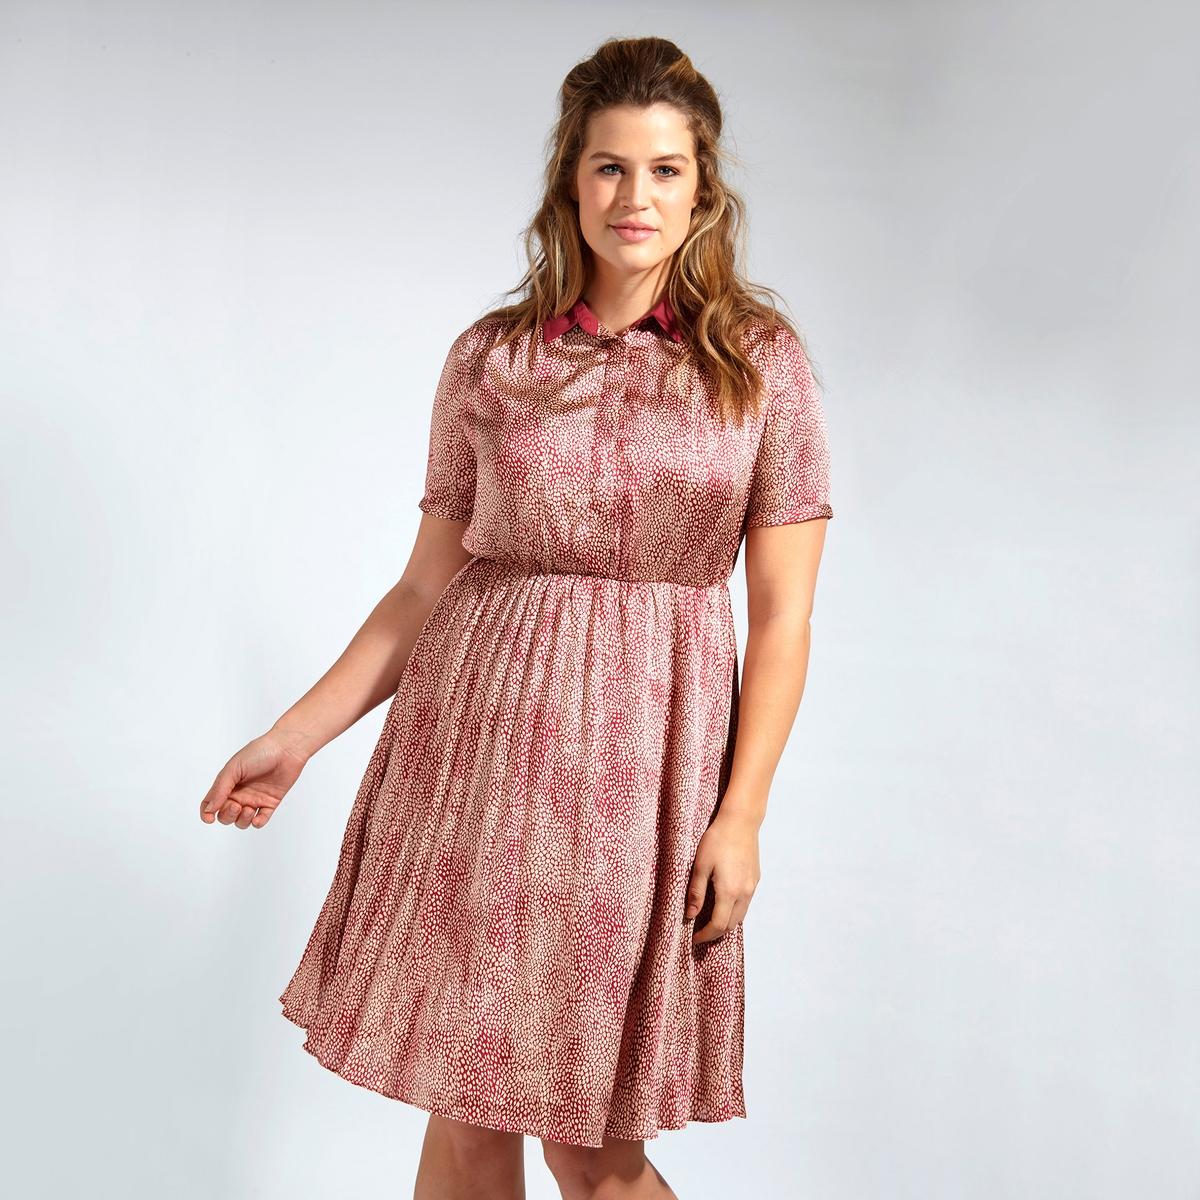 ПлатьеПлатье LOVEDROBE. Красивое платье с рубашечным воротником на пуговицах . Эффект плиссировки снизу  . 100% полиэстер<br><br>Цвет: набивной рисунок<br>Размер: 54/56 (FR) - 60/62 (RUS).50/52 (FR) - 56/58 (RUS).48 (FR) - 54 (RUS).44 (FR) - 50 (RUS)